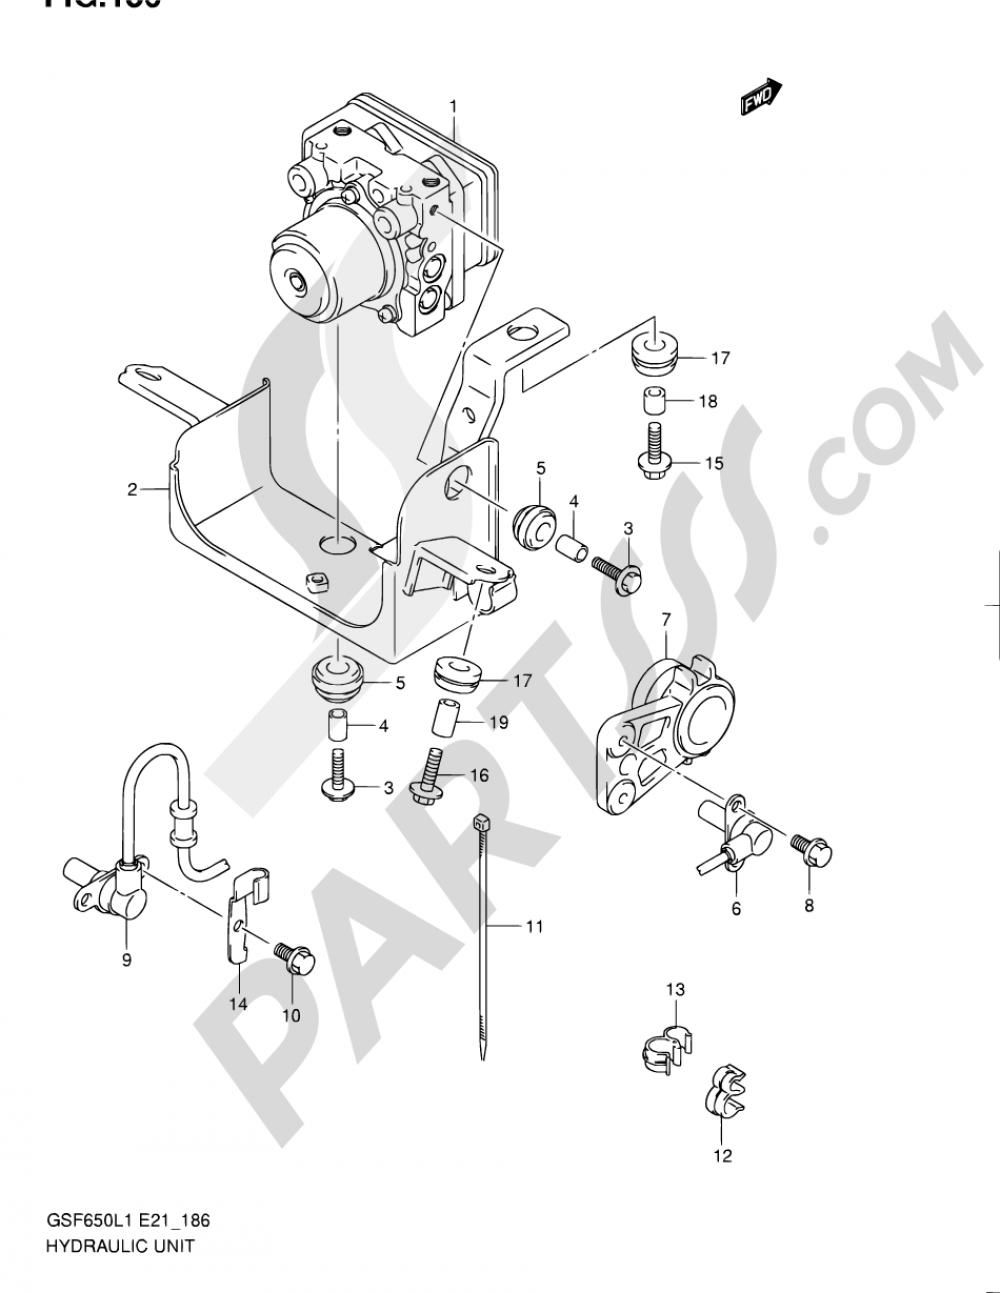 186 - HYDRAULIC UNIT (GSF650UAL1 E21) Suzuki BANDIT GSF650 2011